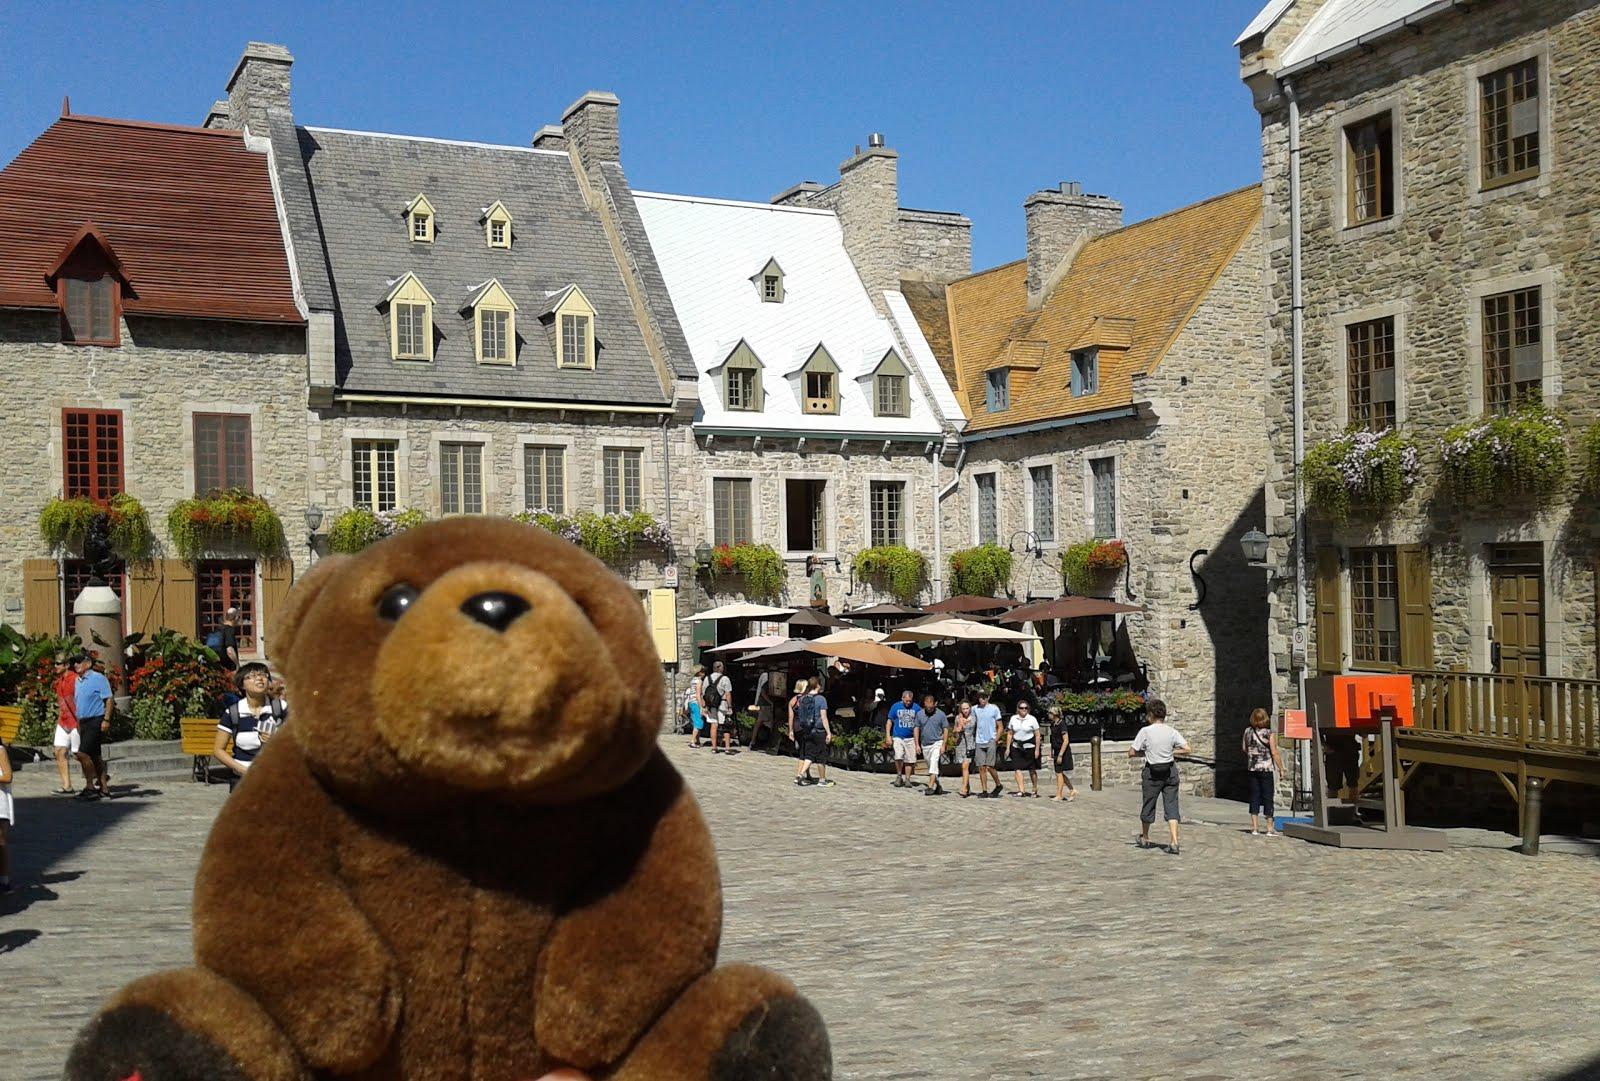 Teddy Bear in Quebec